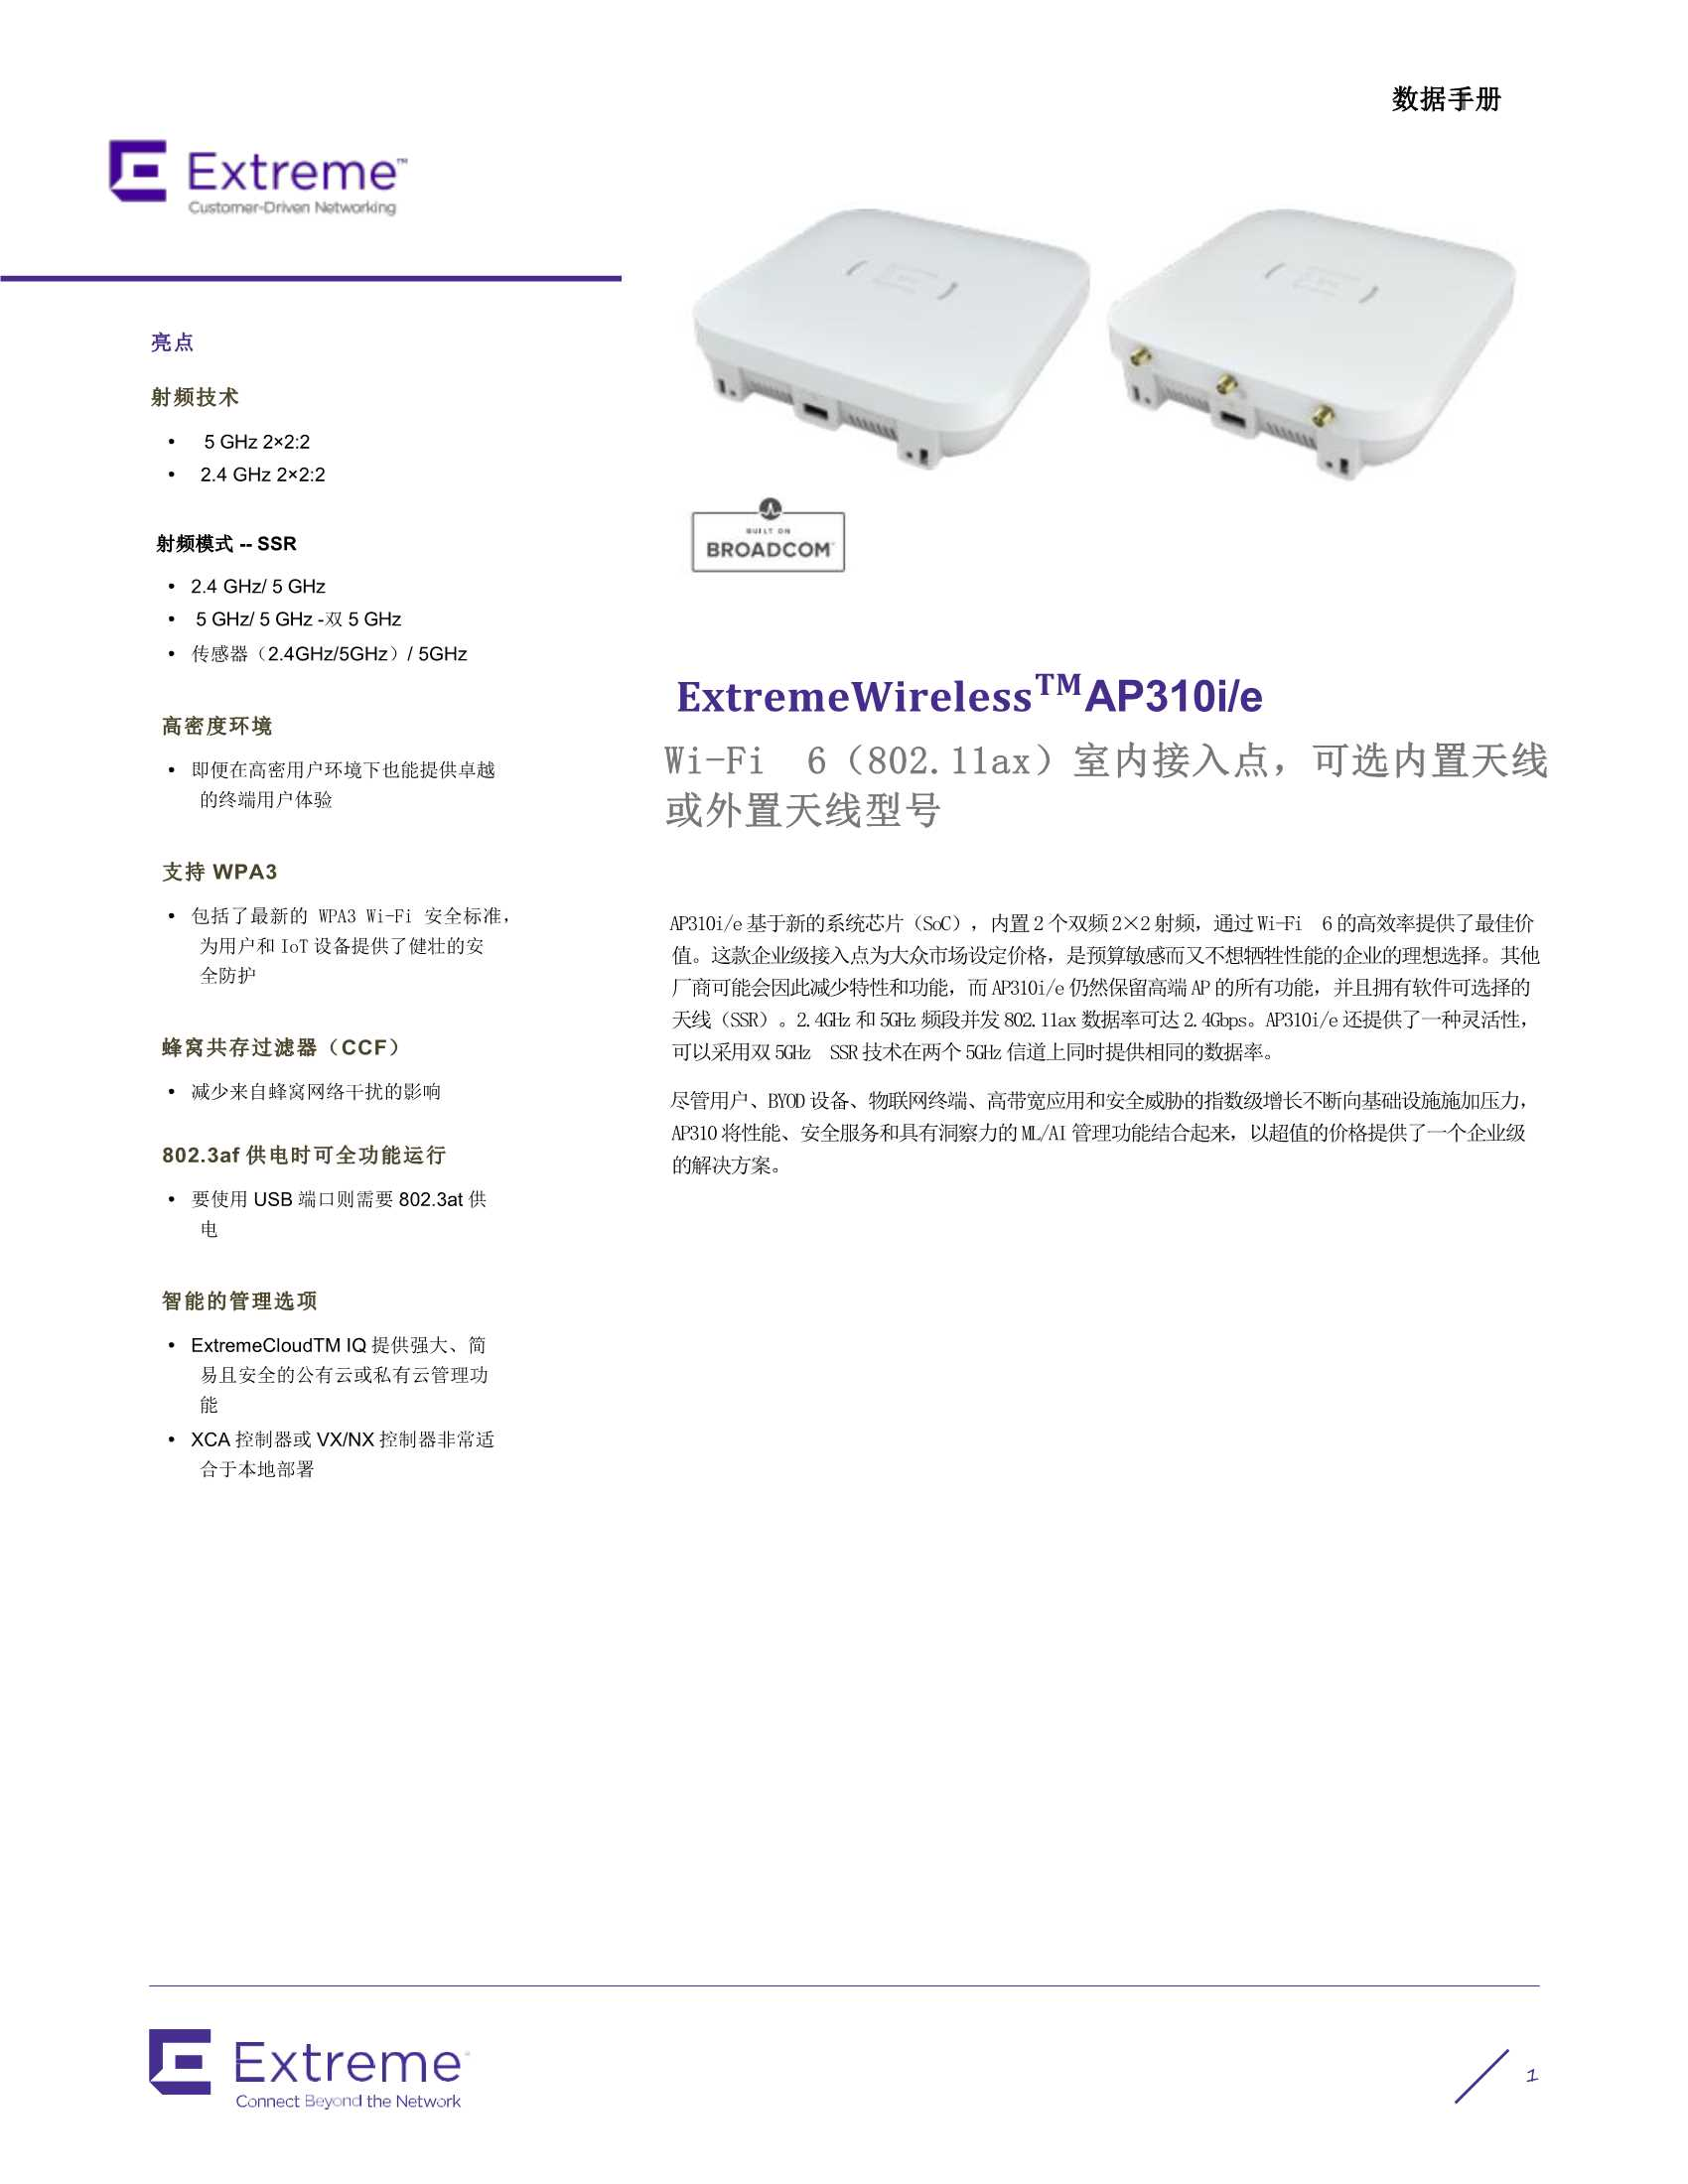 極進Symbol Extreme 室內無線AP310i/e